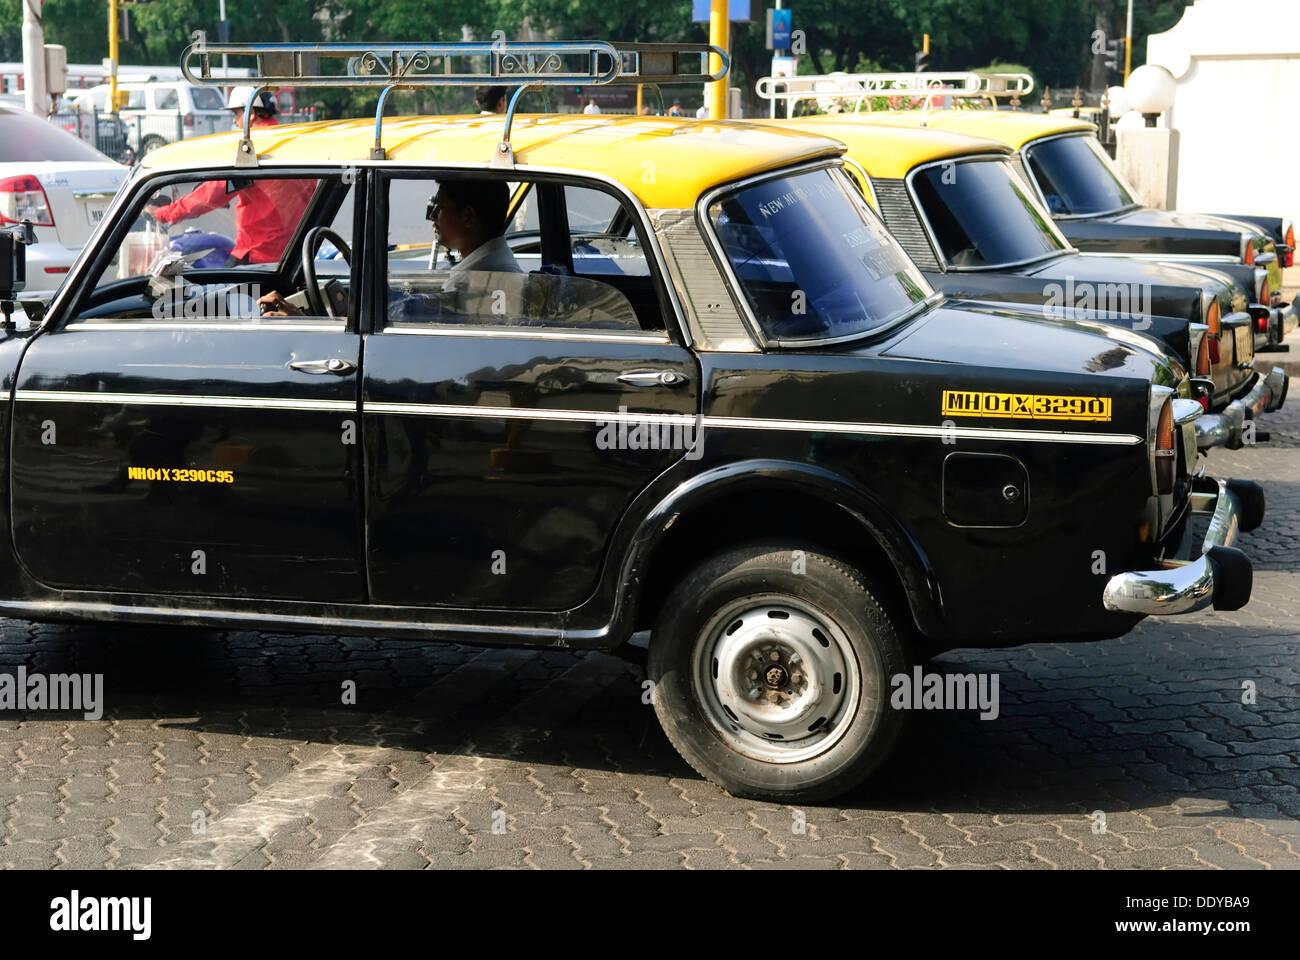 Taxicabs, Mumbai, India, Asia - Stock Image